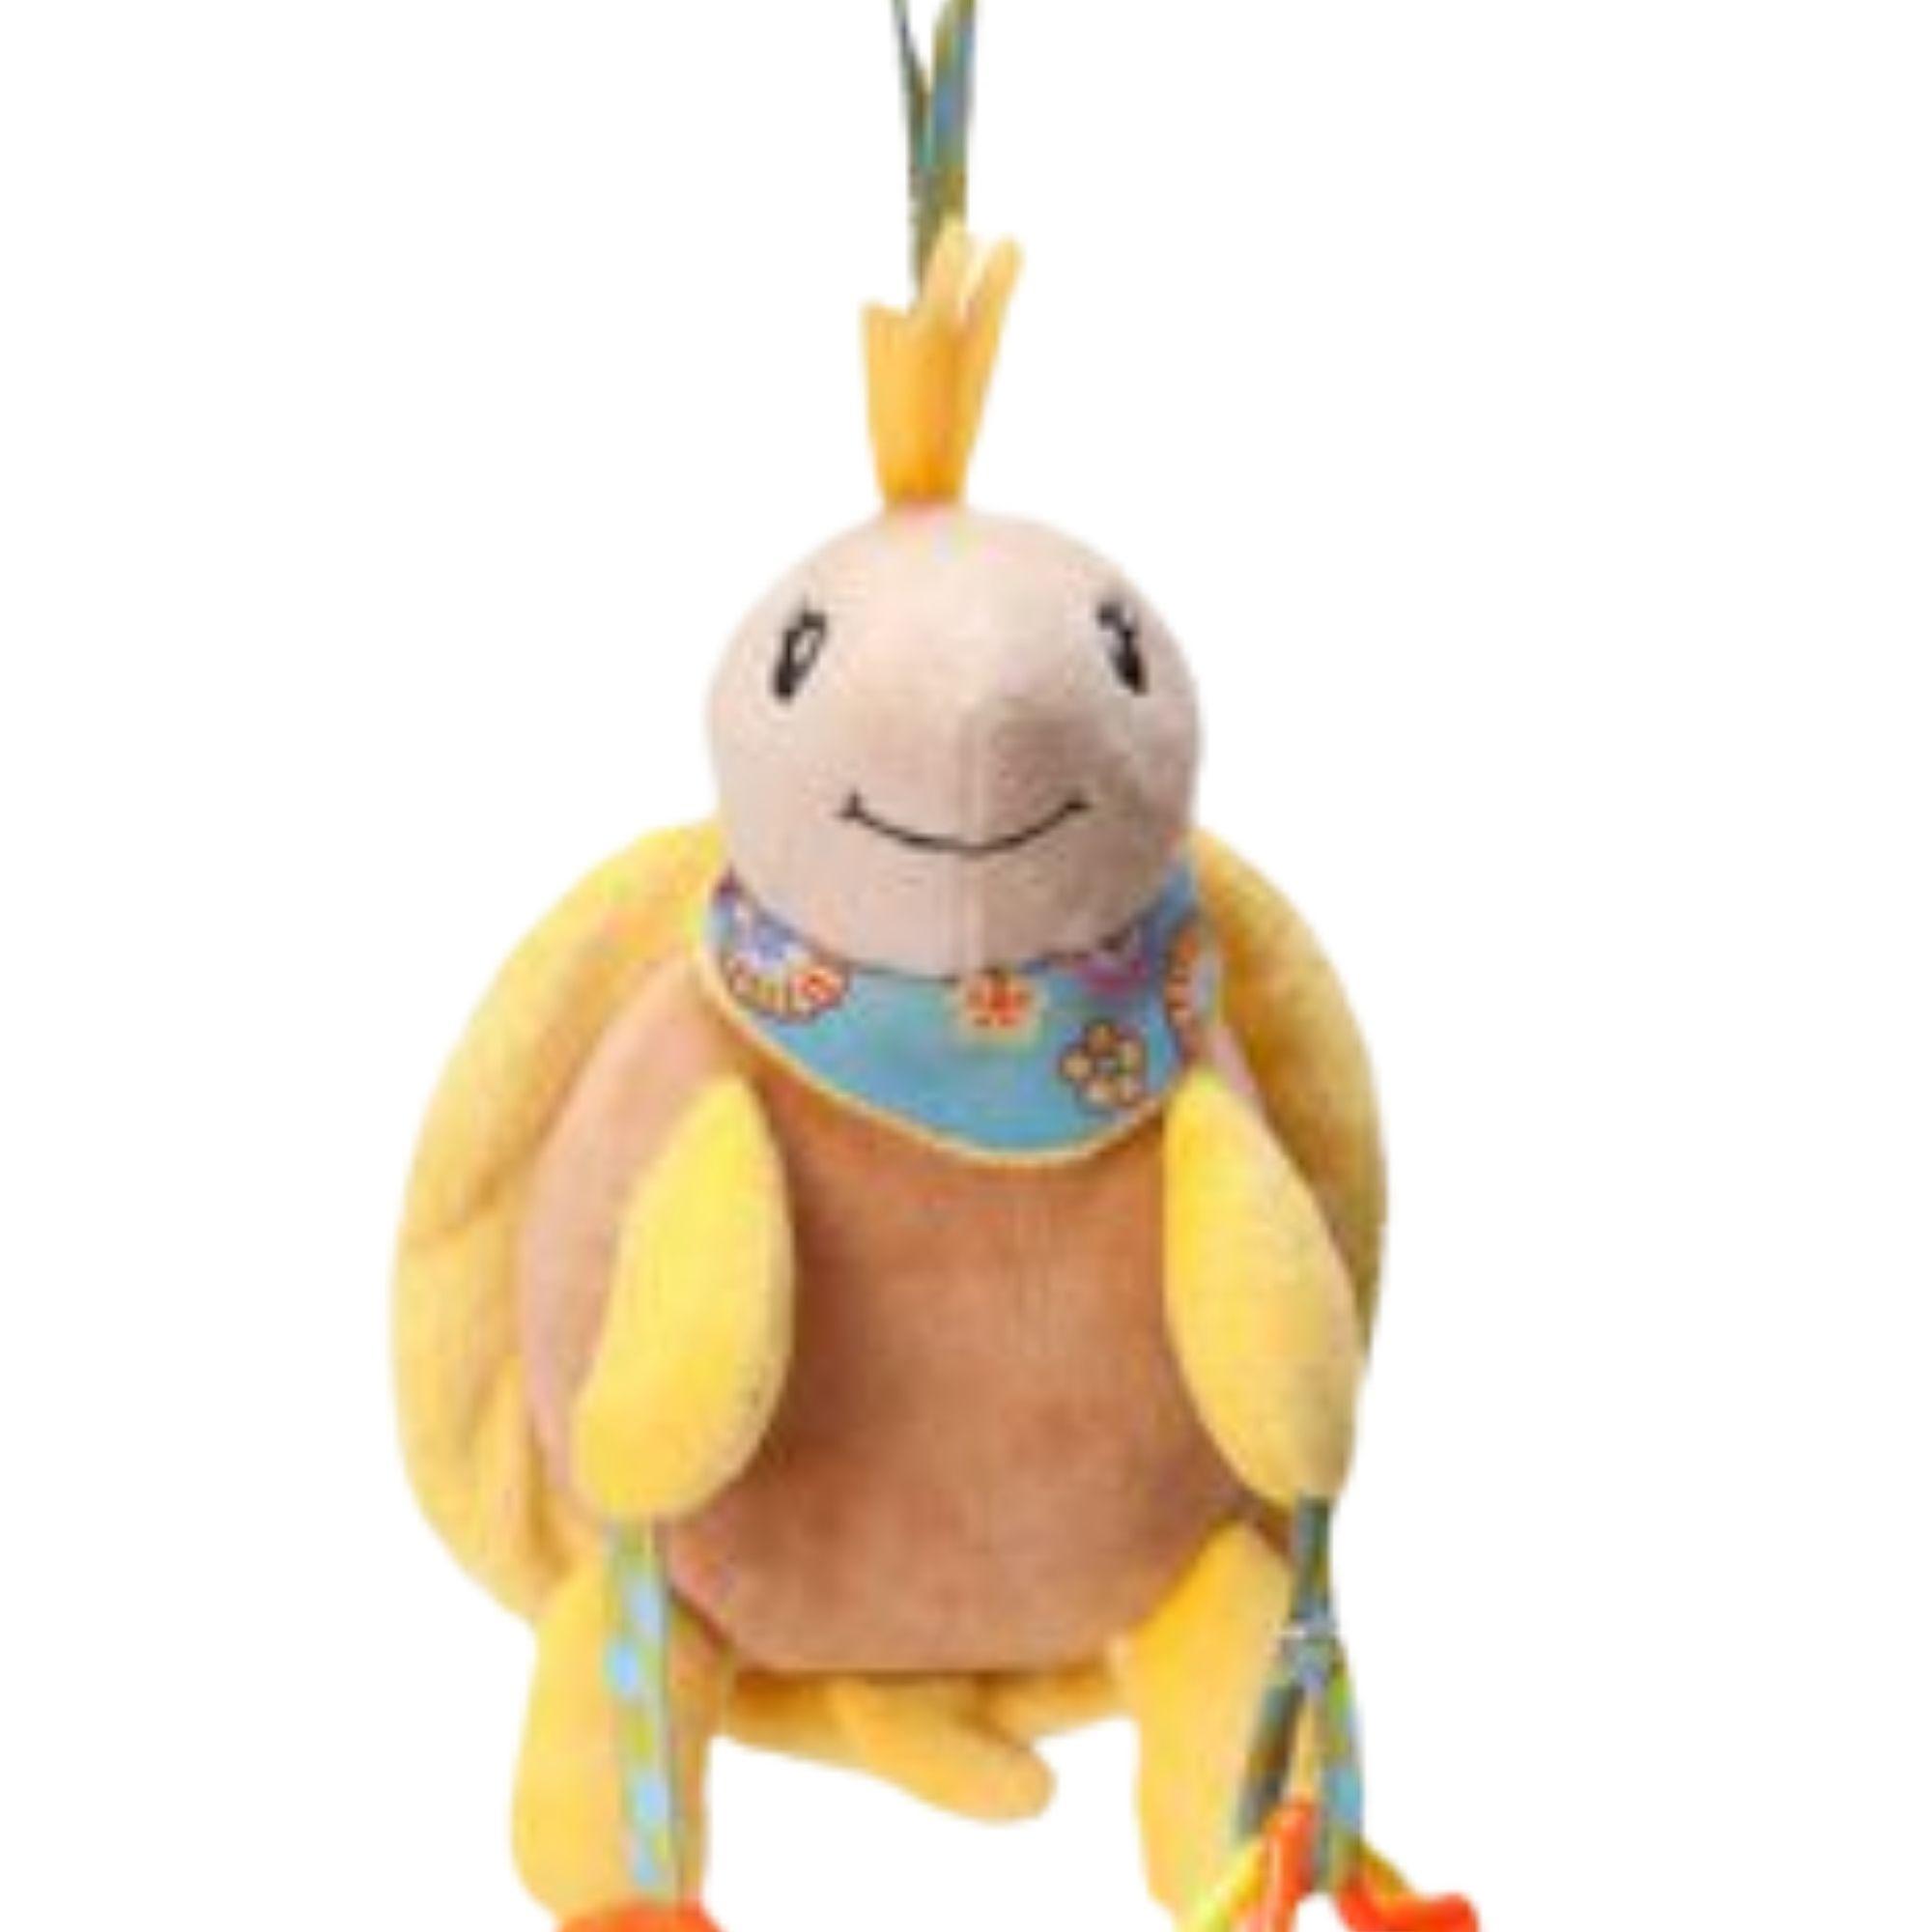 Tartaruga Brinquedo para bebê Chocalho Mordedor   - Game Land Brinquedos